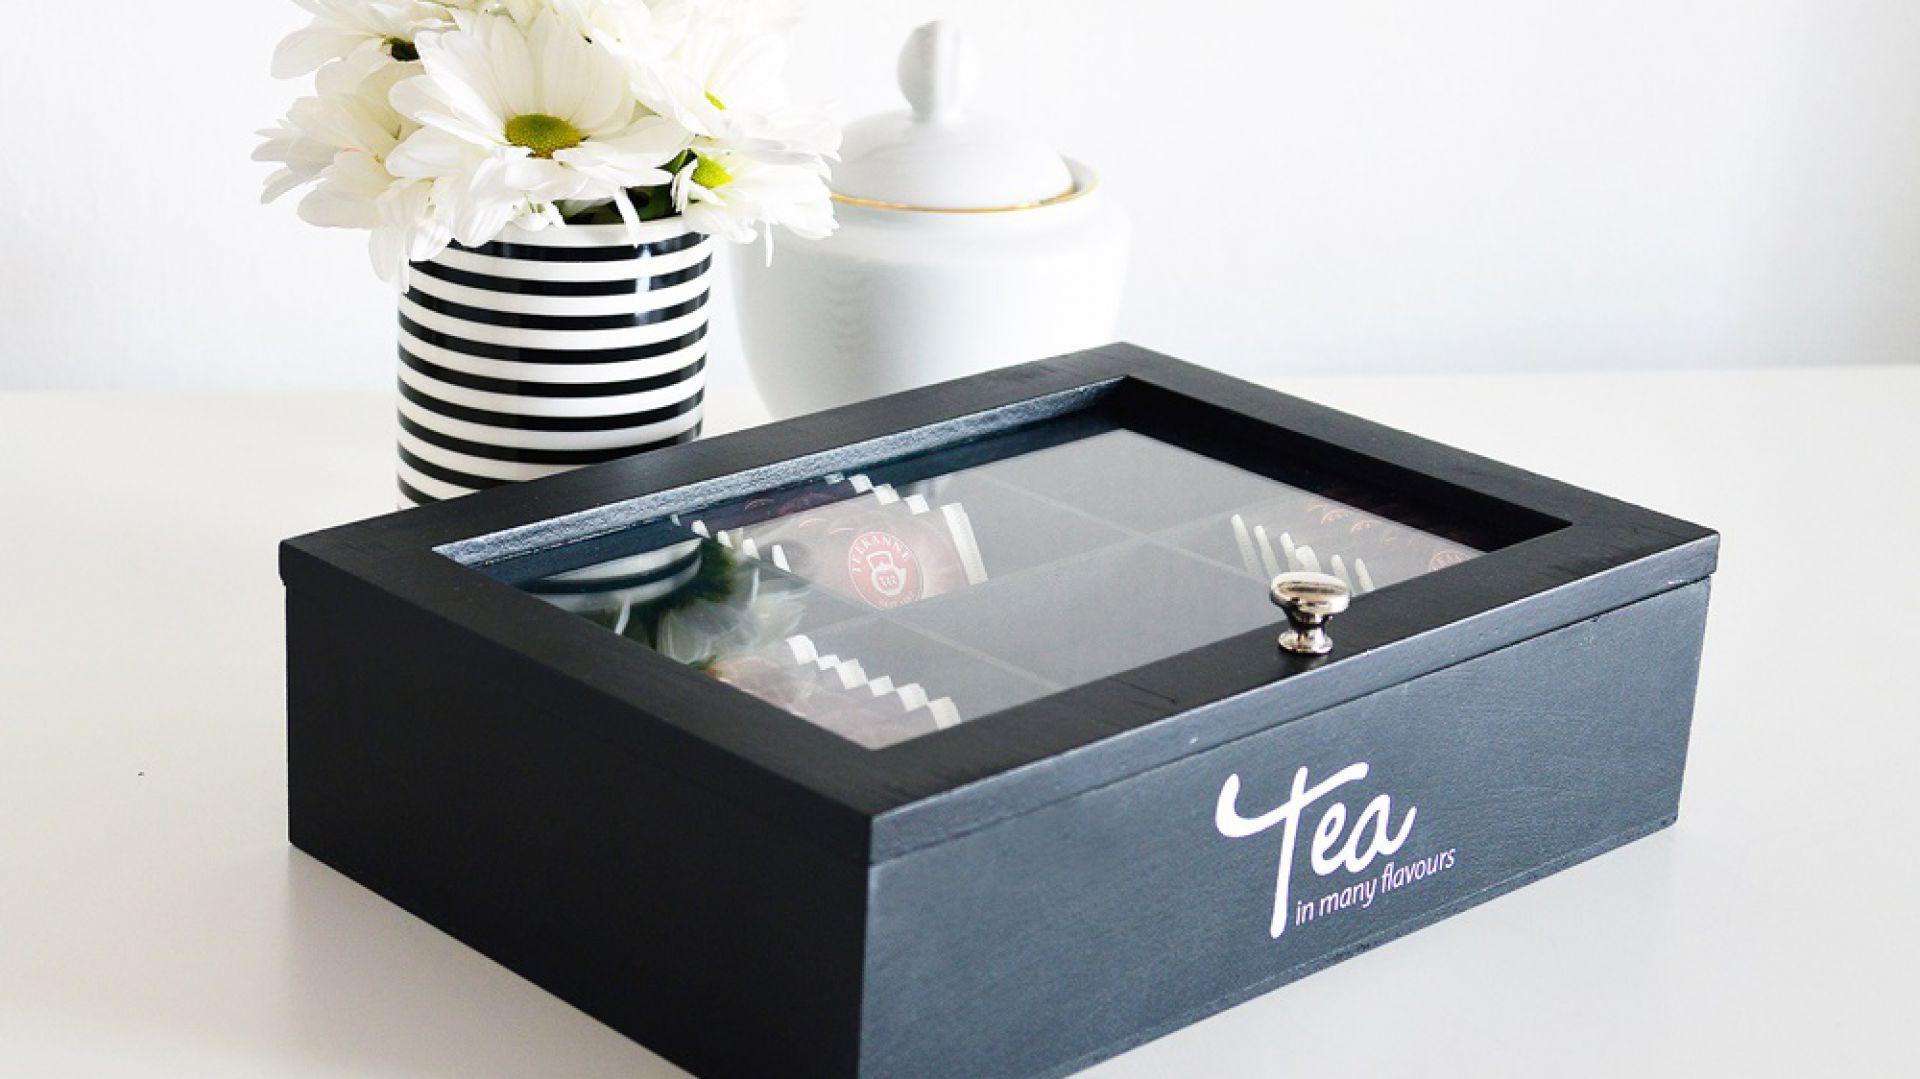 Drewniana herbaciarka TEA z sześcioma przegródkami. Cena: 26,99 zł. Produkt dostępny w Emako.pl